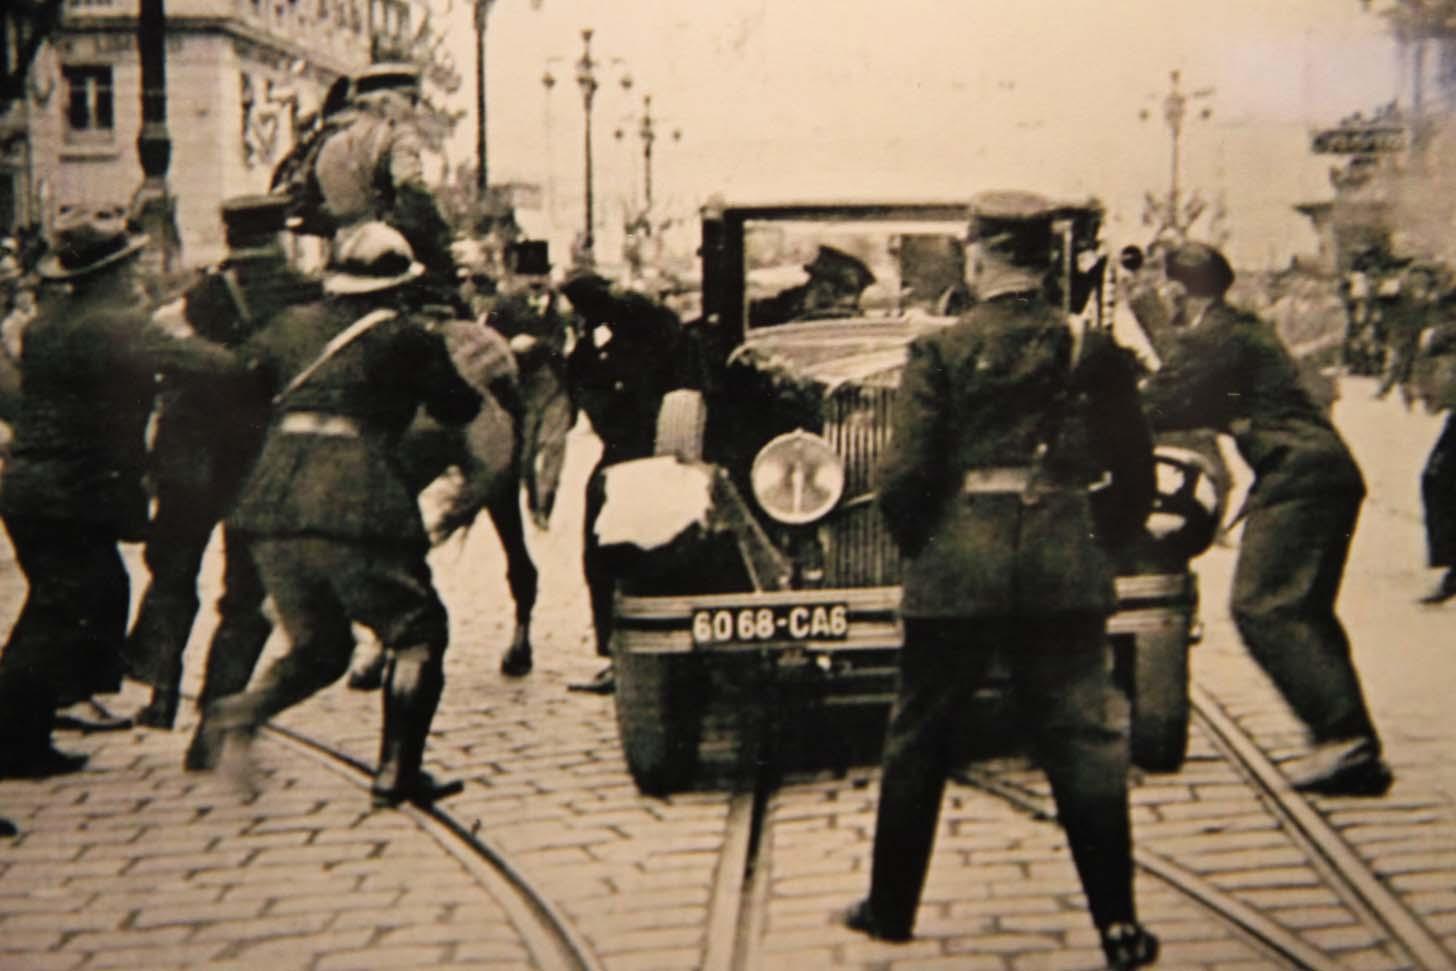 Kralj Ujedinitelj zamrsio konce Evropi: Pucnji koji su sahranili Jugoslaviju i utrli put nacizmu (VIDEO)